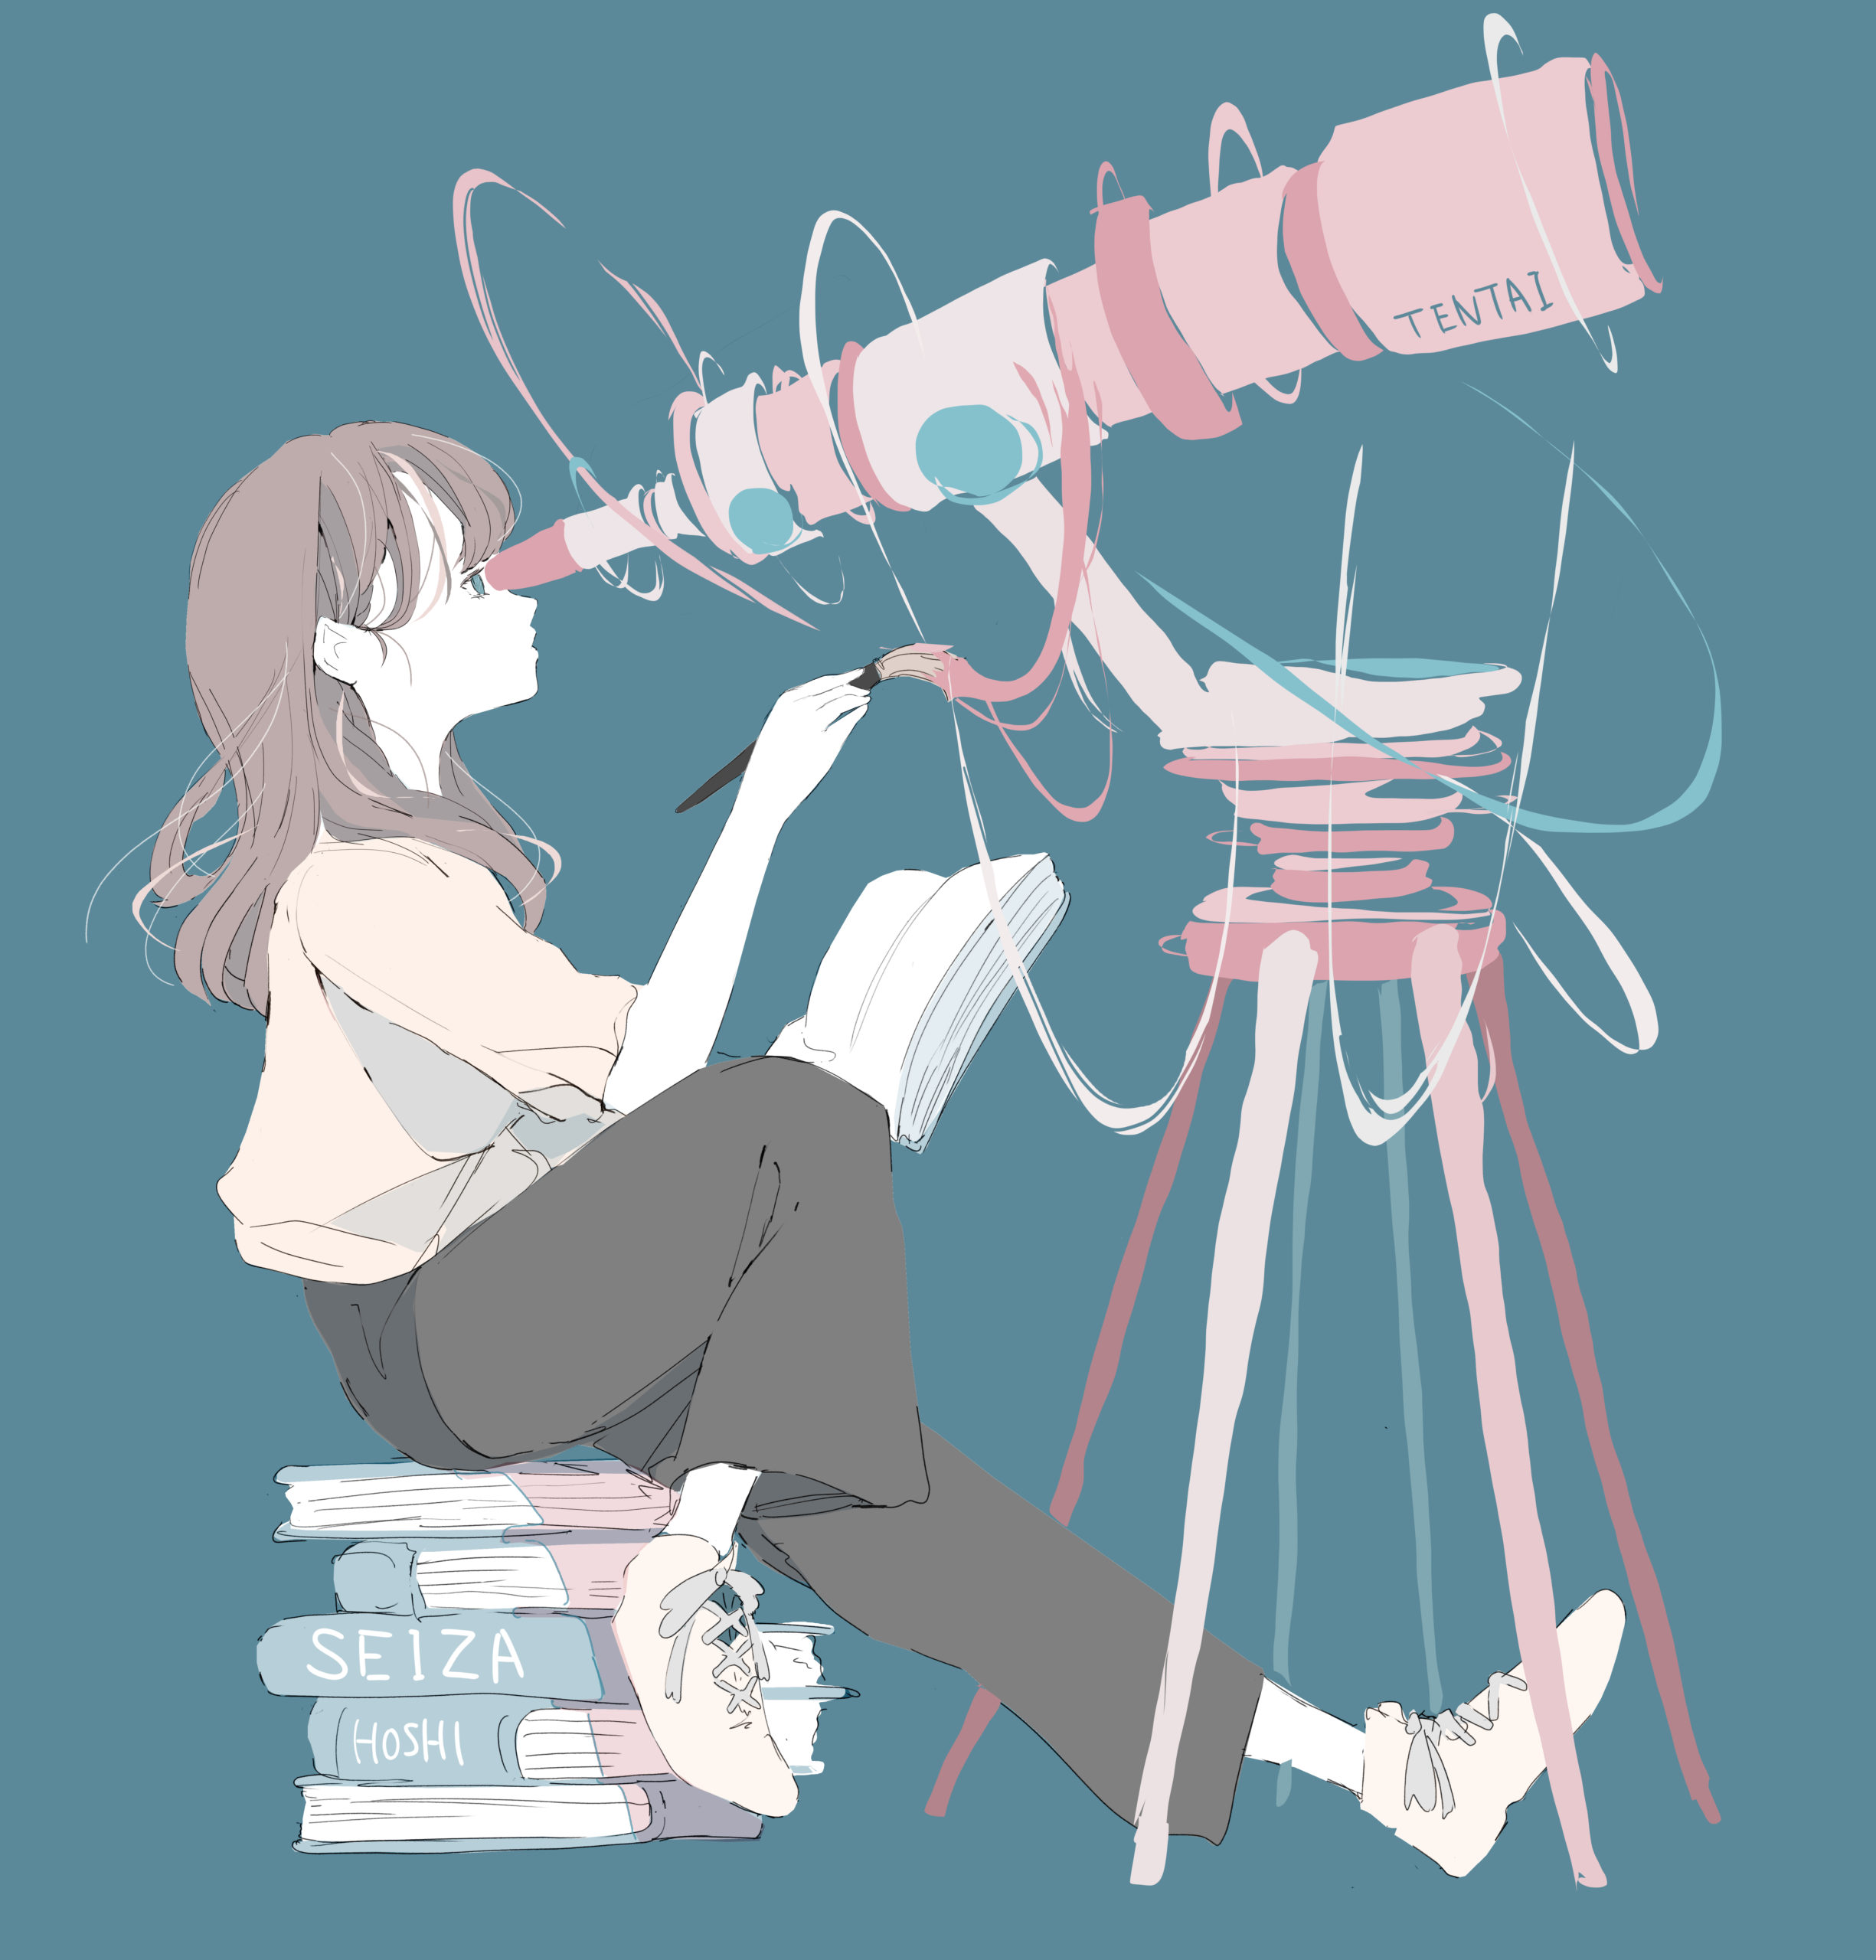 天体望遠鏡を覗く女の子 イラスト